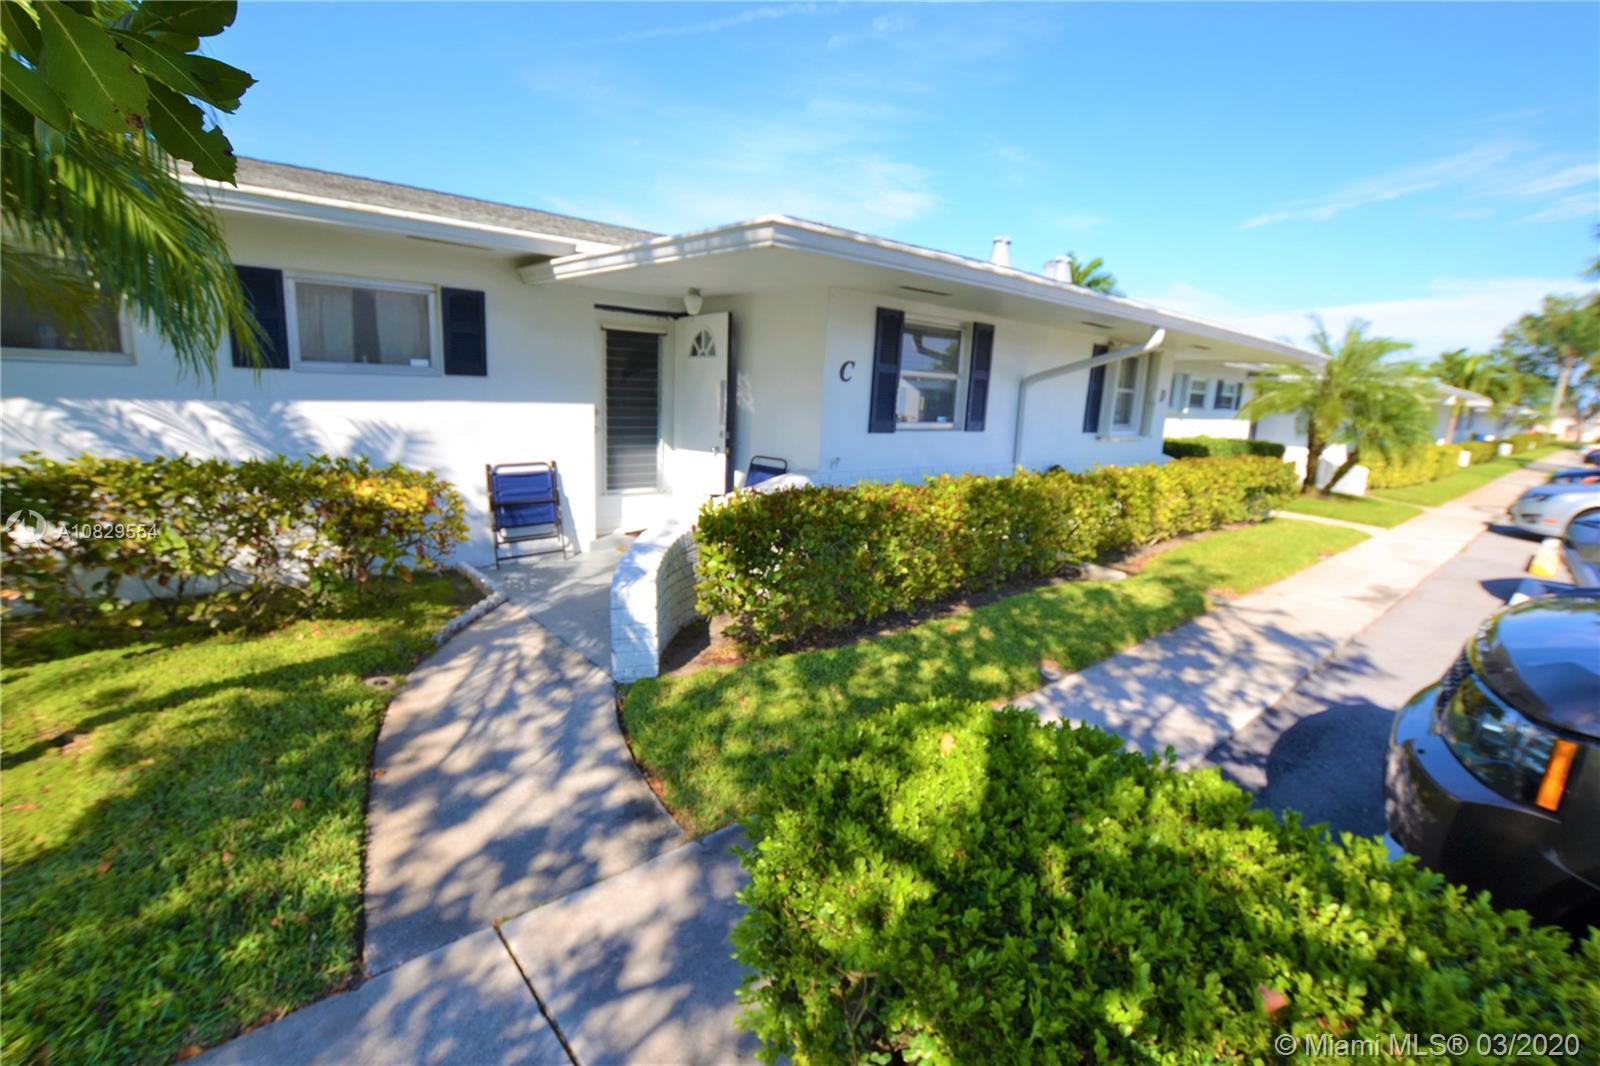 2700 Emory Dr E C, West Palm Beach, FL 33415